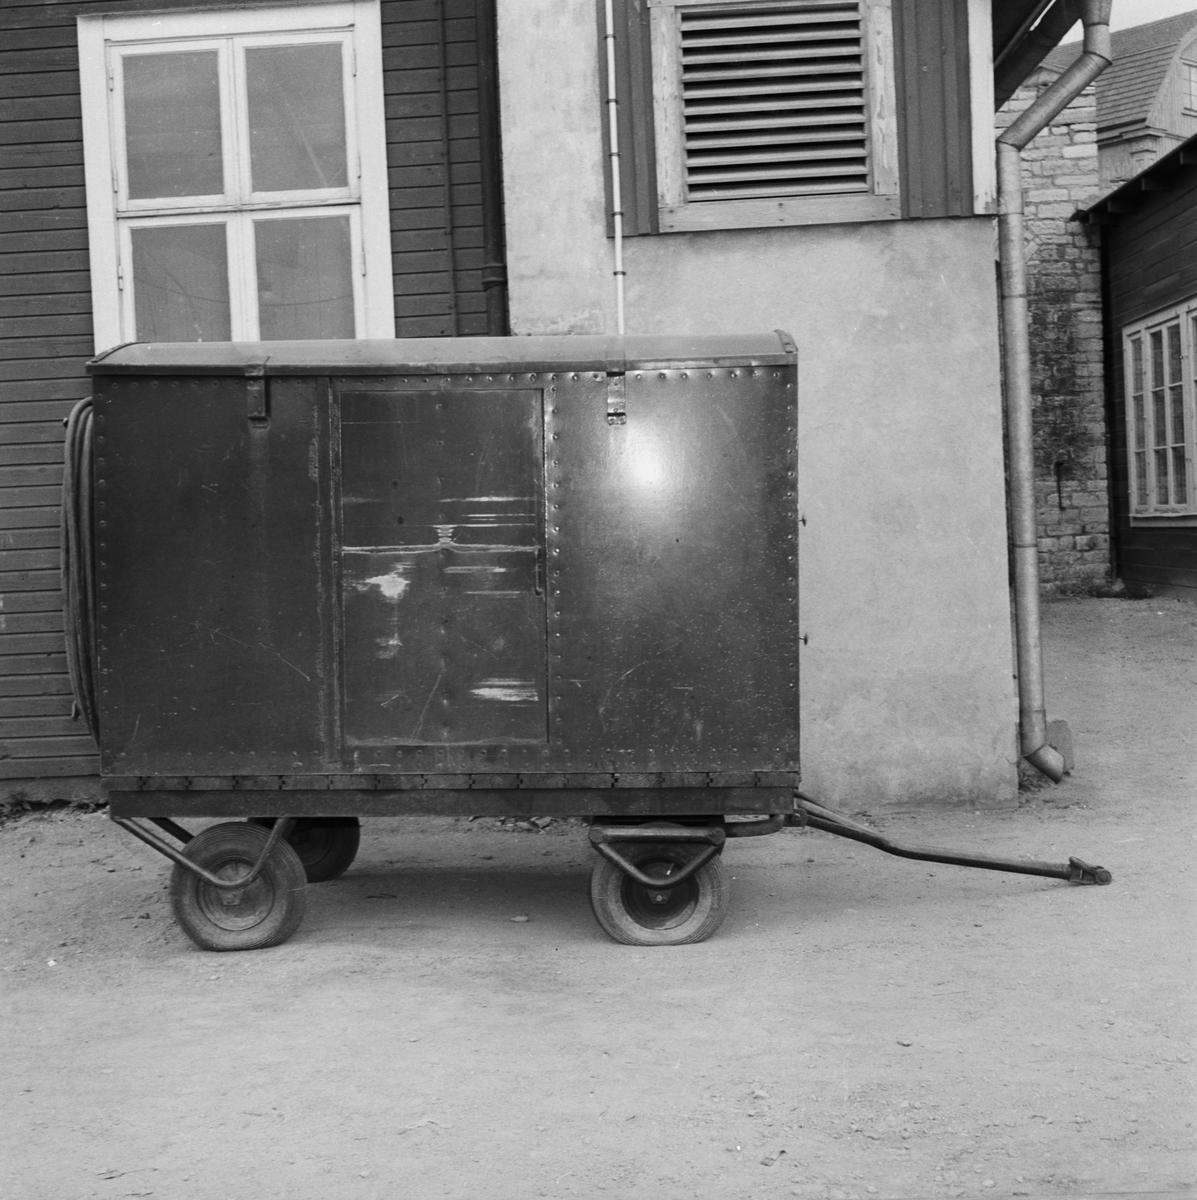 Övrigt: Foto datum: 26/6 1957 Byggnader och kranar Elaggregat